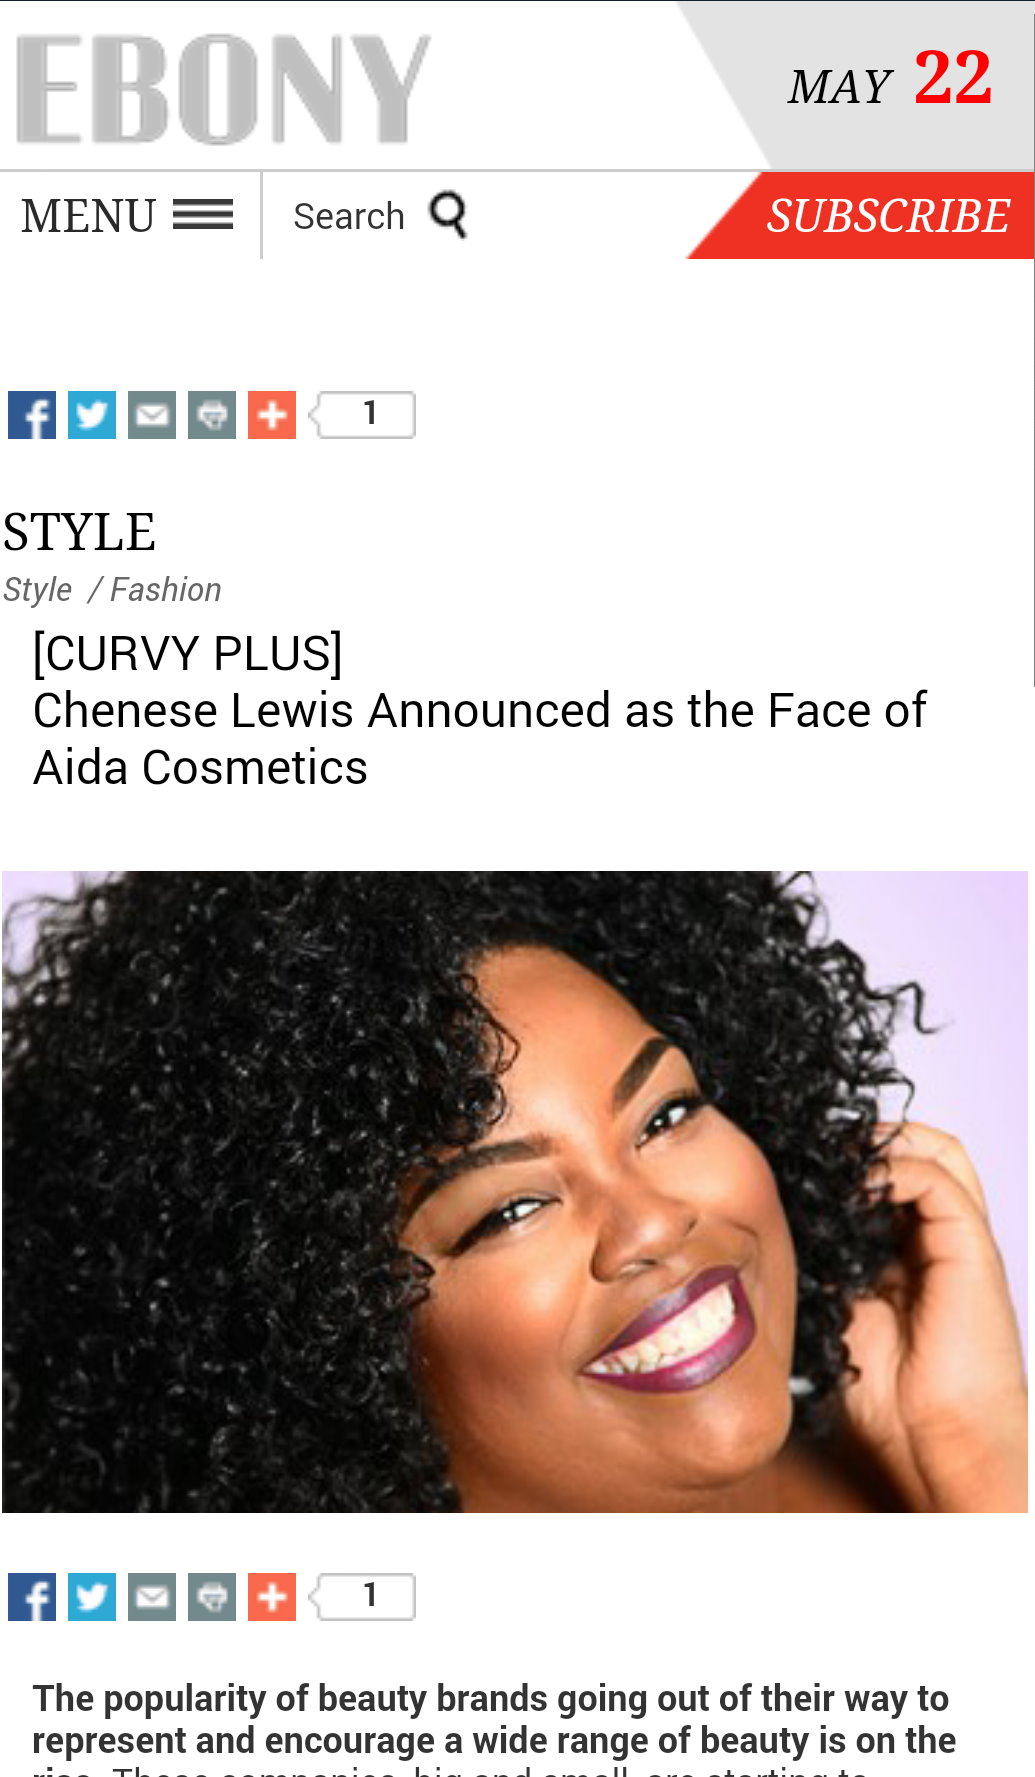 Ebony Aida Cosmetics